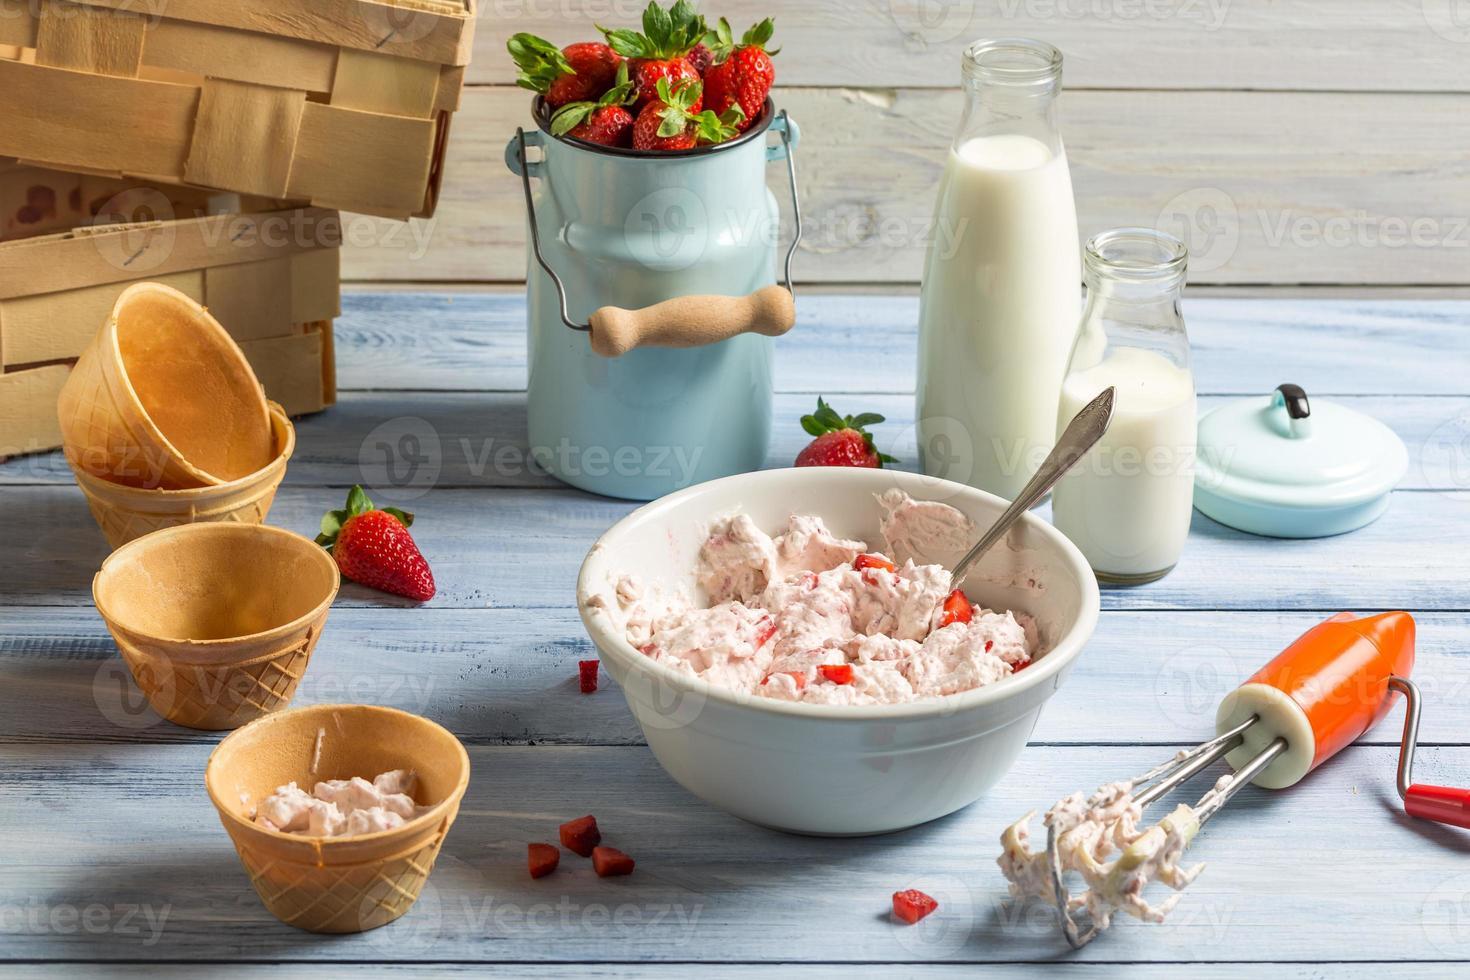 slagroom en verse aardbeien als ingrediënten voor ijskoekjes foto